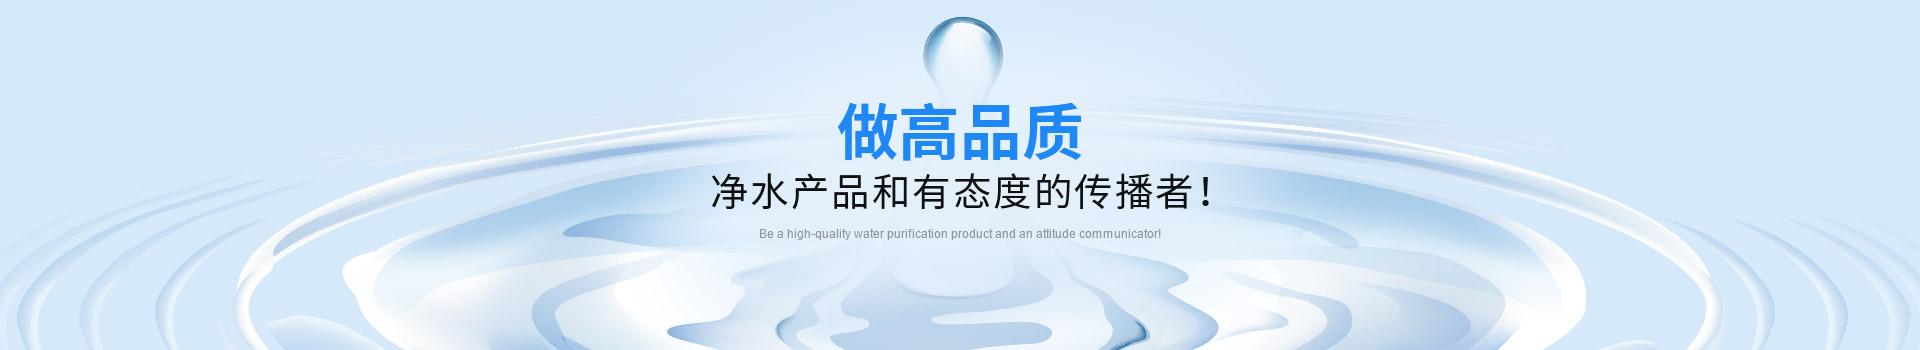 万达环保做高品质净水产品和有态度的传播者